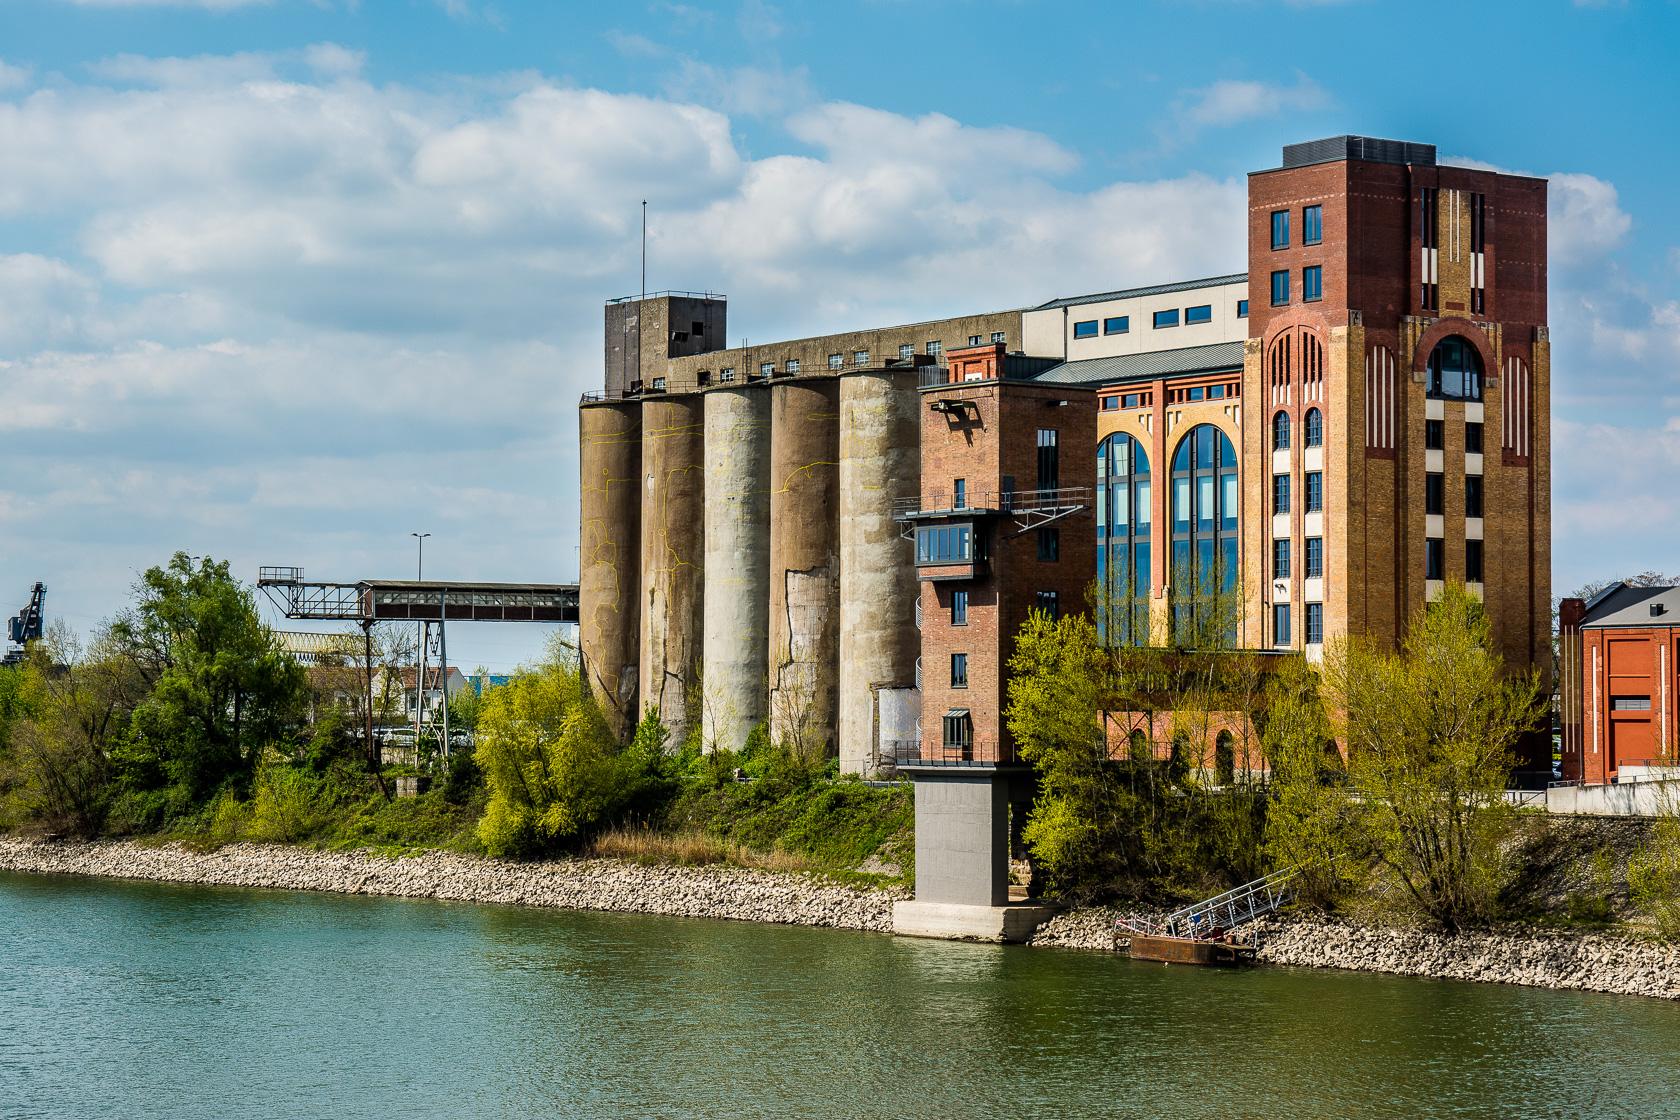 Rund um die Plange Mühle in Düsseldorf